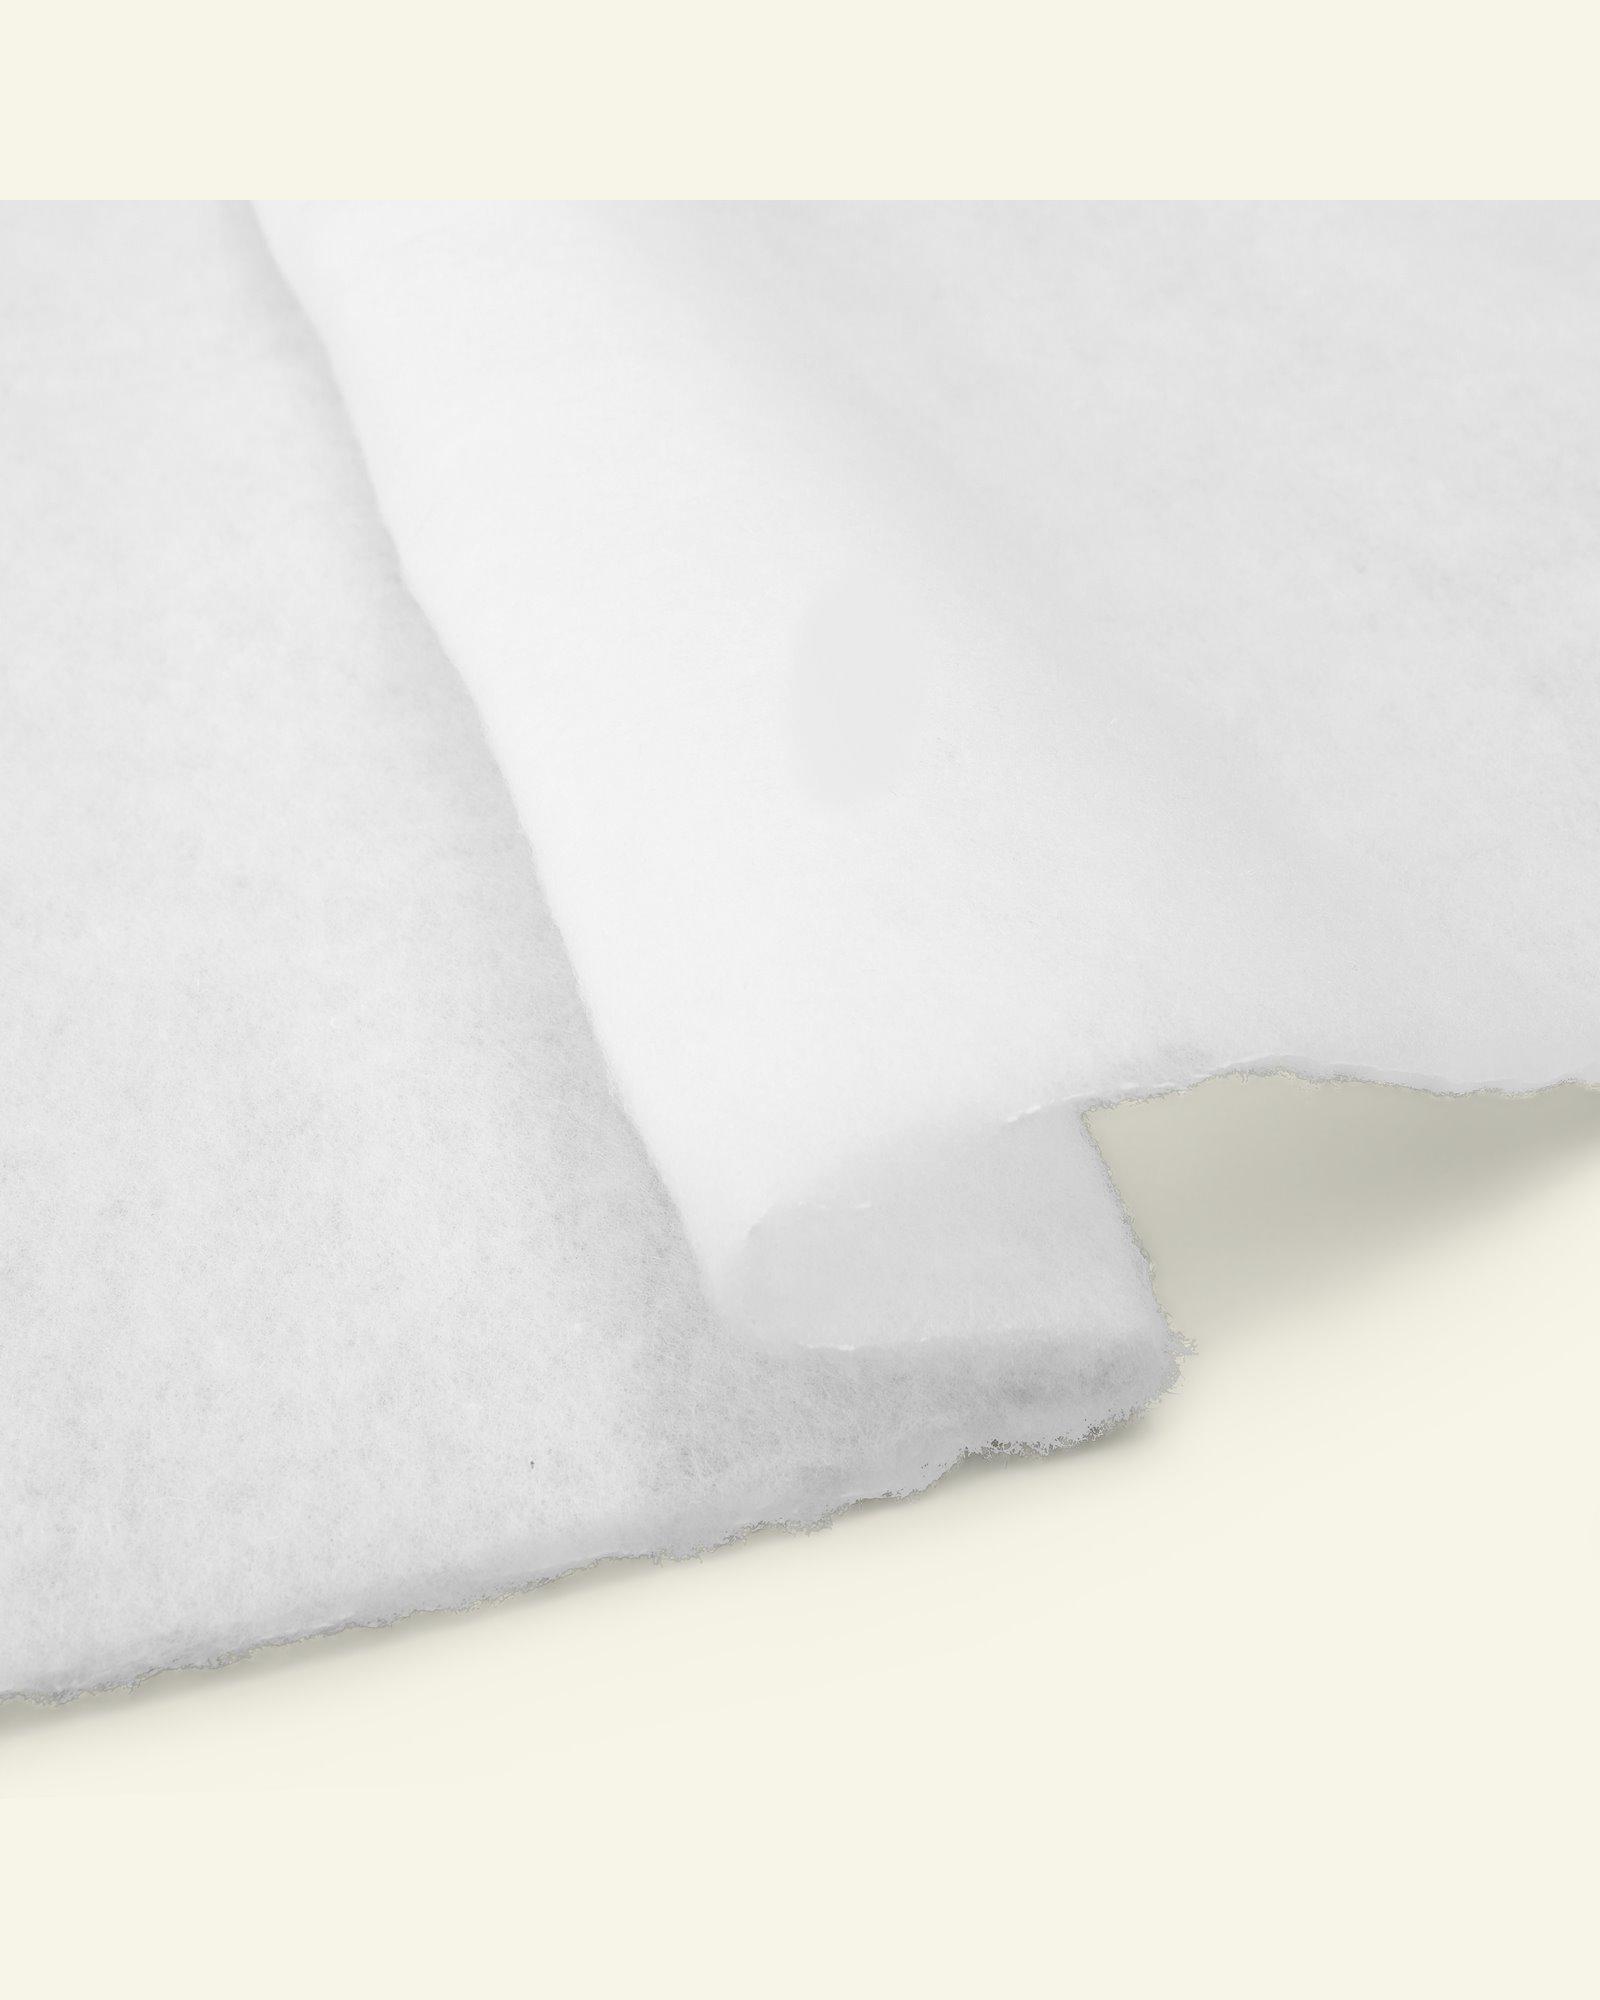 Watteeinlage Weiß 220 cm (100g)